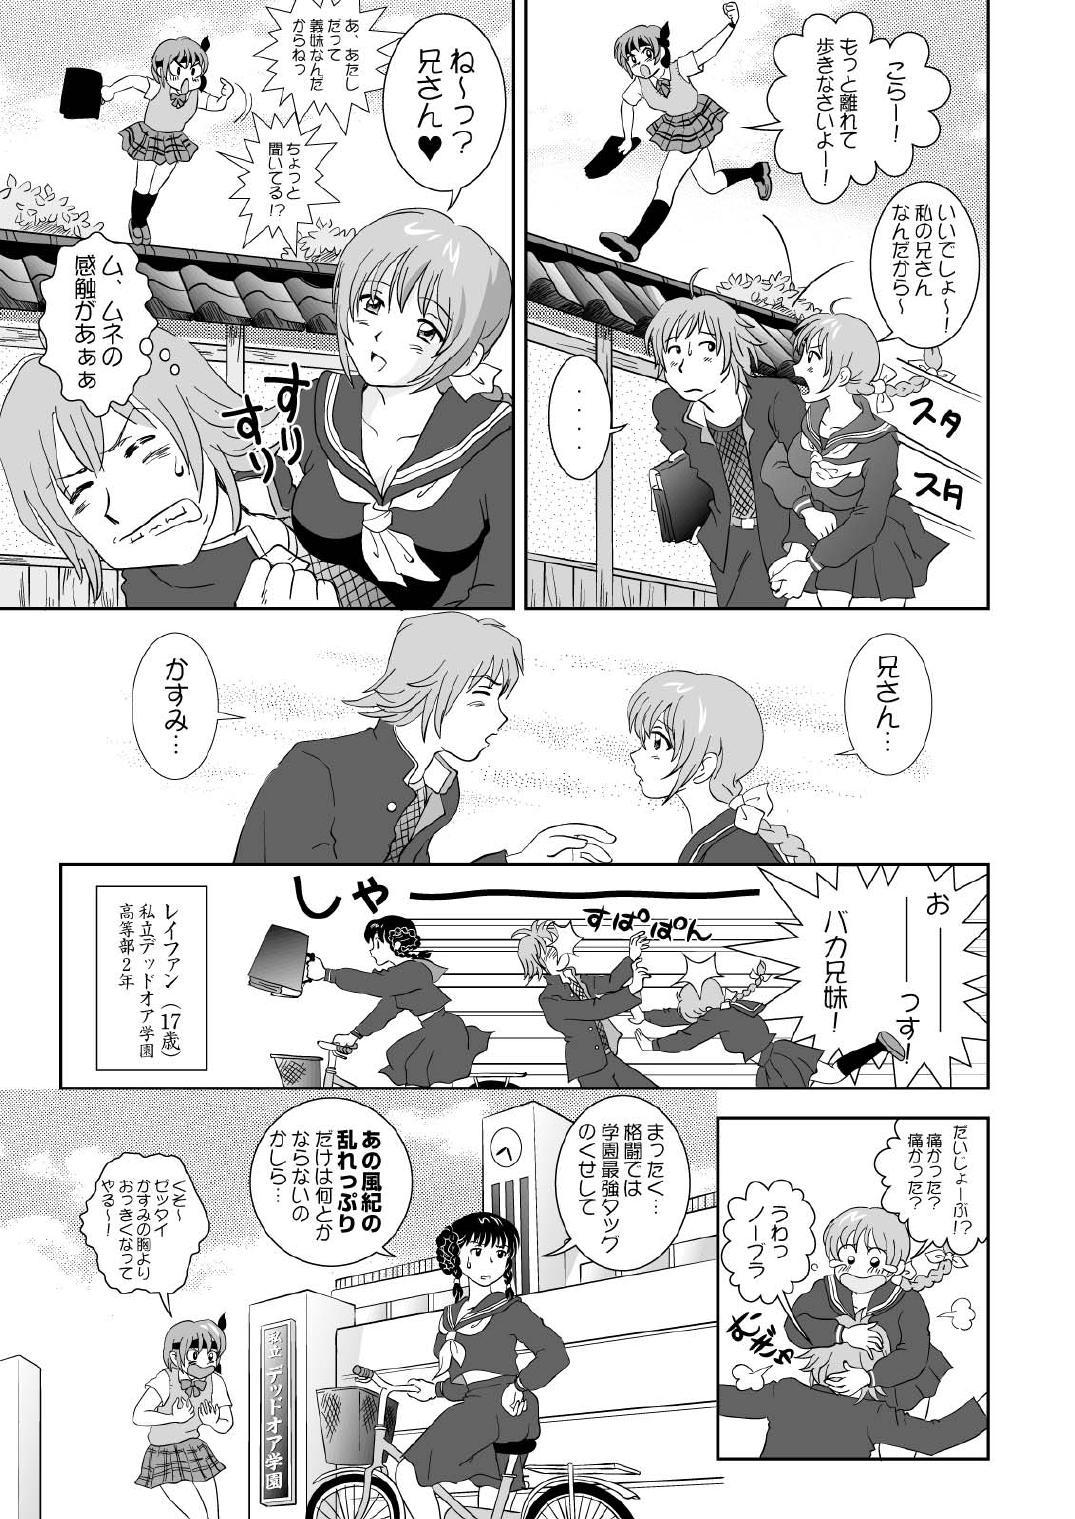 Sugoiyo!! Kasumi-chan 6